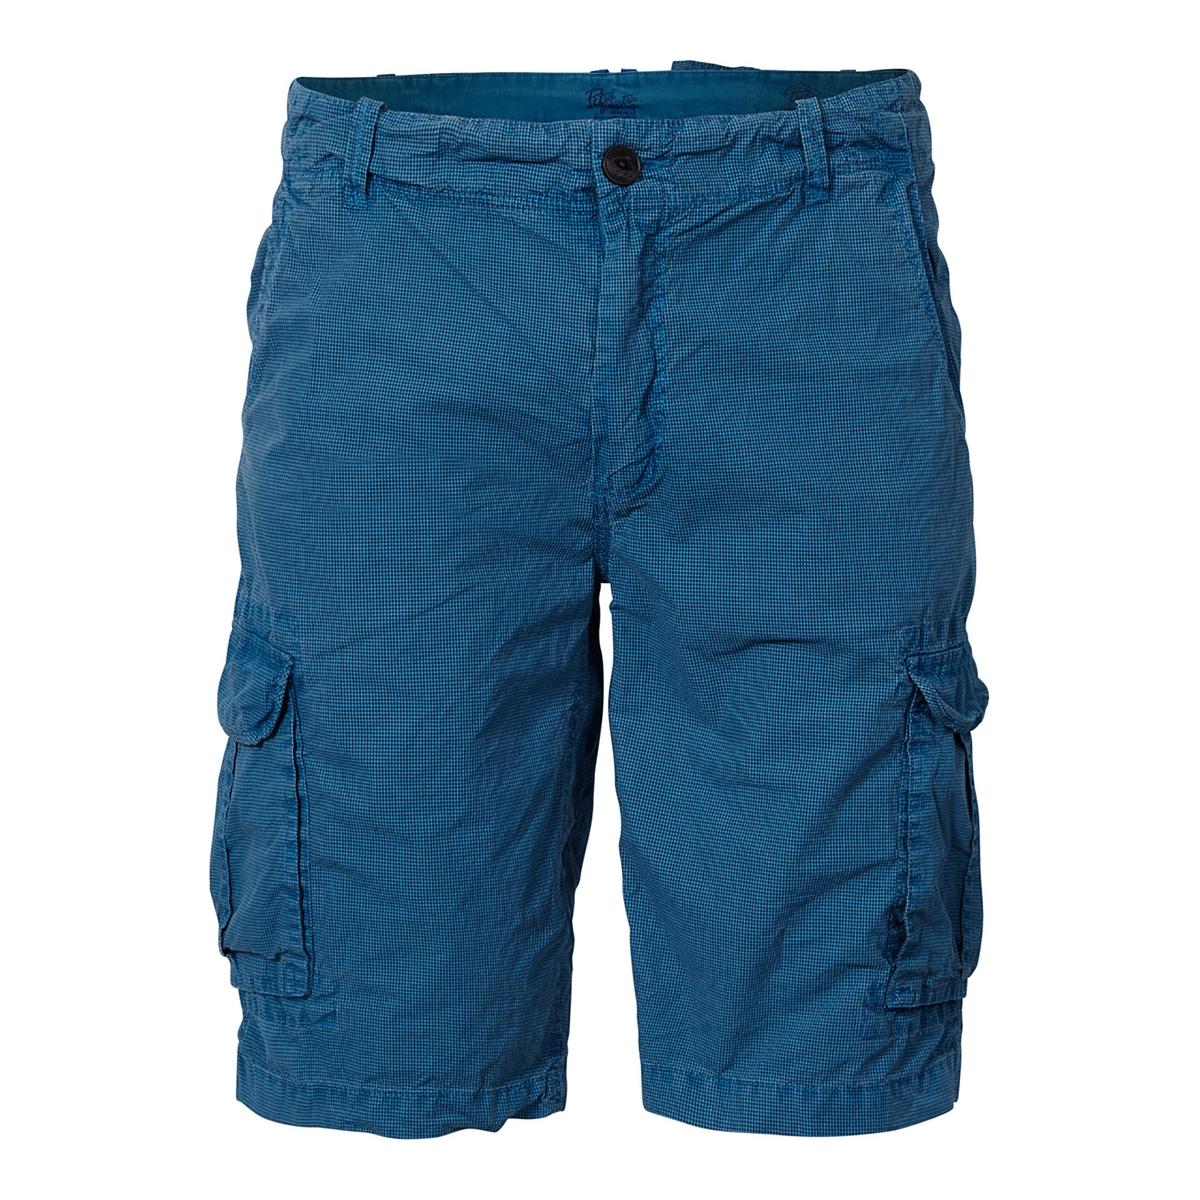 БермудыОписание:Детали •  Высота пояса: стандартнаяСостав и уход •  100 % хлопок •  Следуйте рекомендациям по уходу, указанным на этикетке изделия<br><br>Цвет: красный/ бордовый,синий